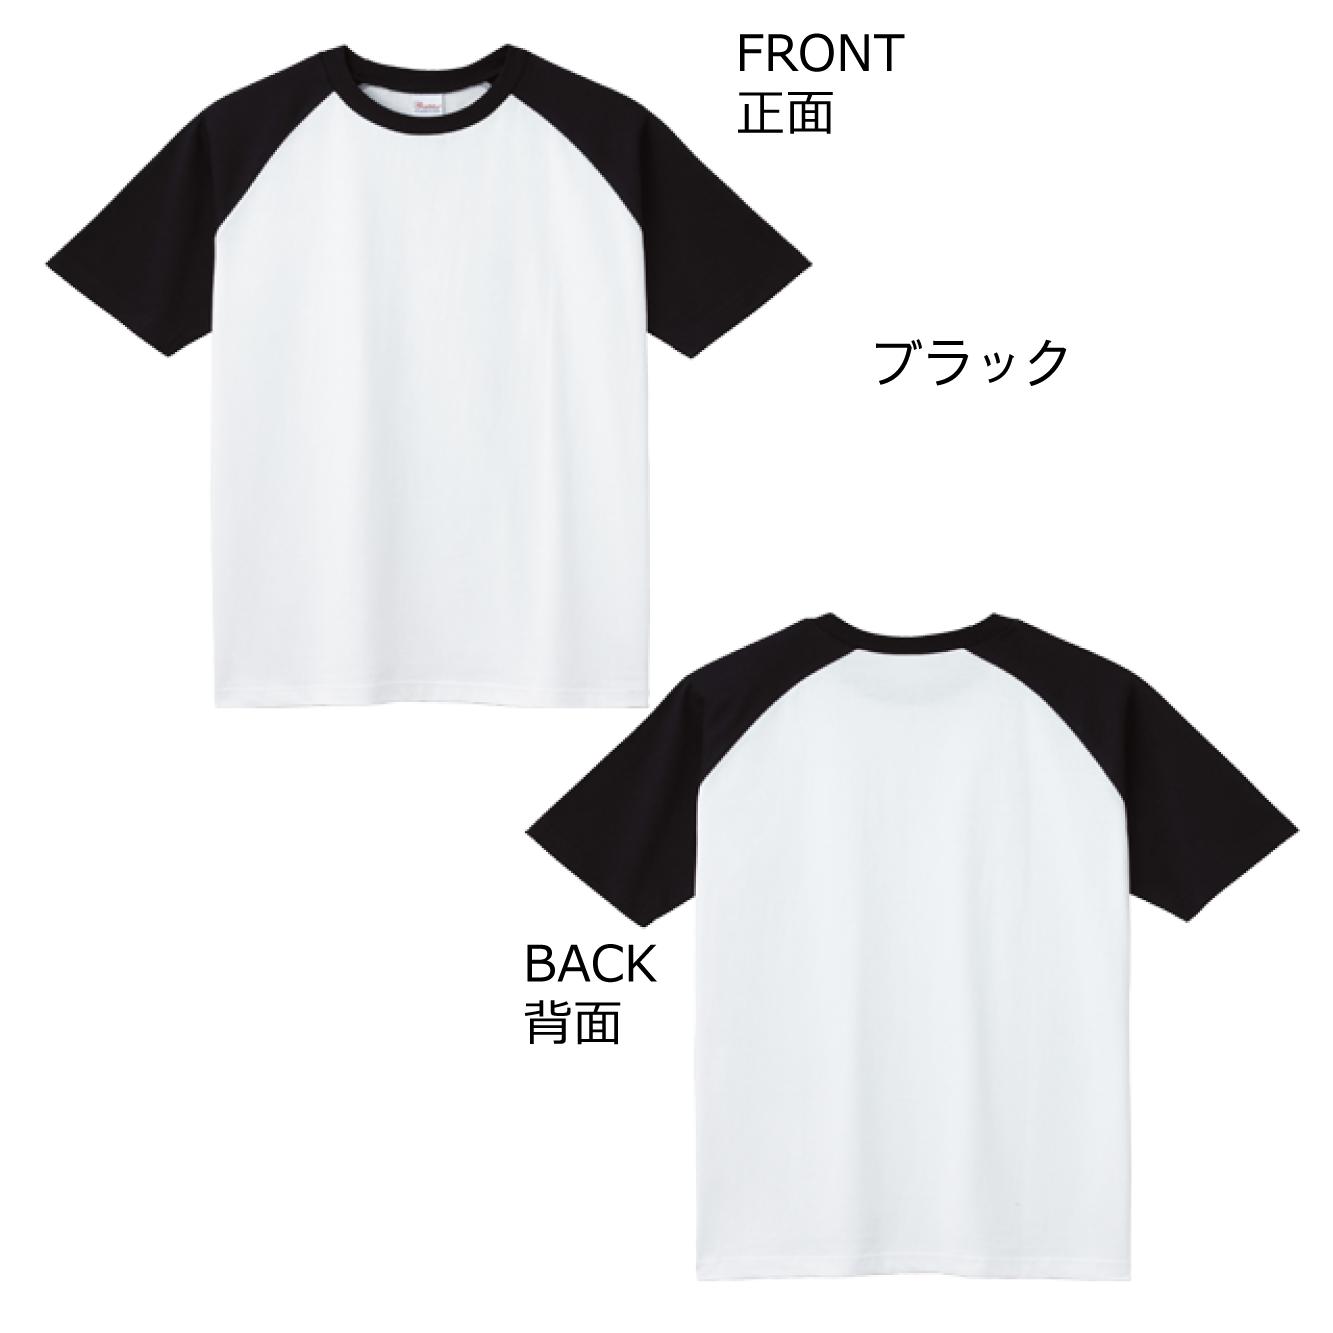 オリジナルプリント 1950円 ラグランTシャツ ブラック